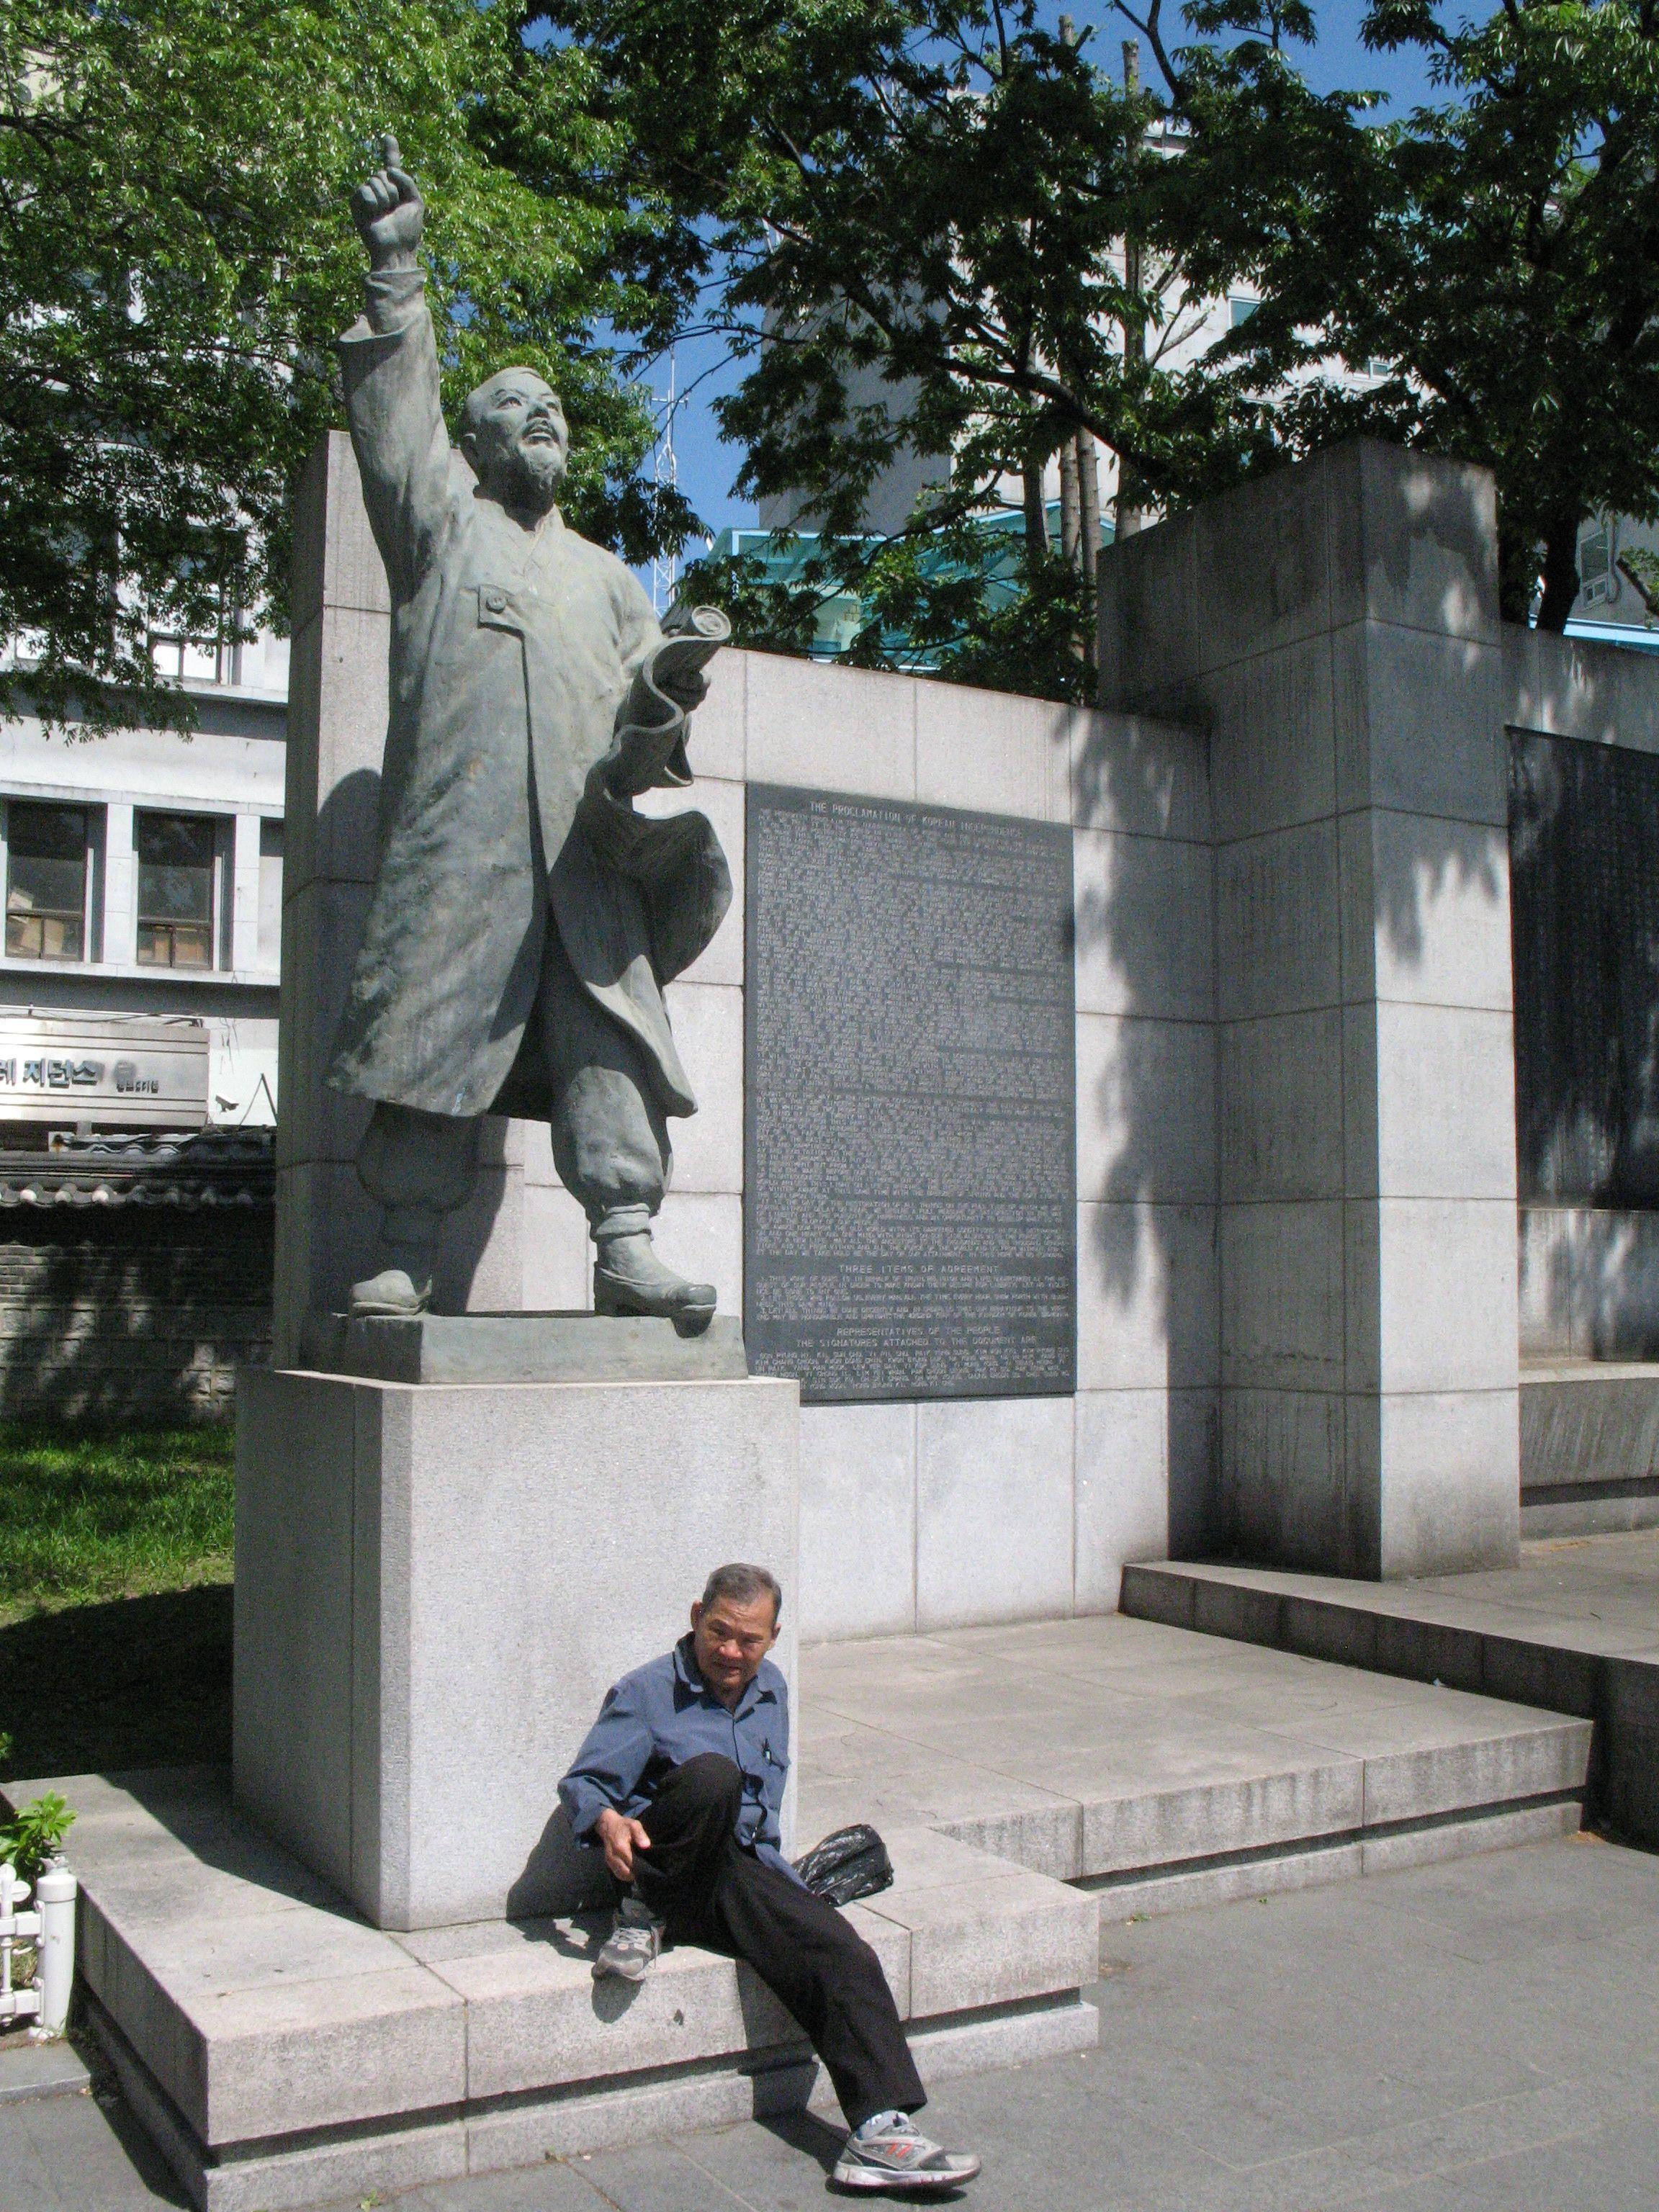 Monumenten Zoals Deze Opgericht Als Een Protest Tegen De Japanse Bezetting Van Korea In De Eerste Helft Van De 20e Eeuw Houden Monumenten Japan Geschiedenis